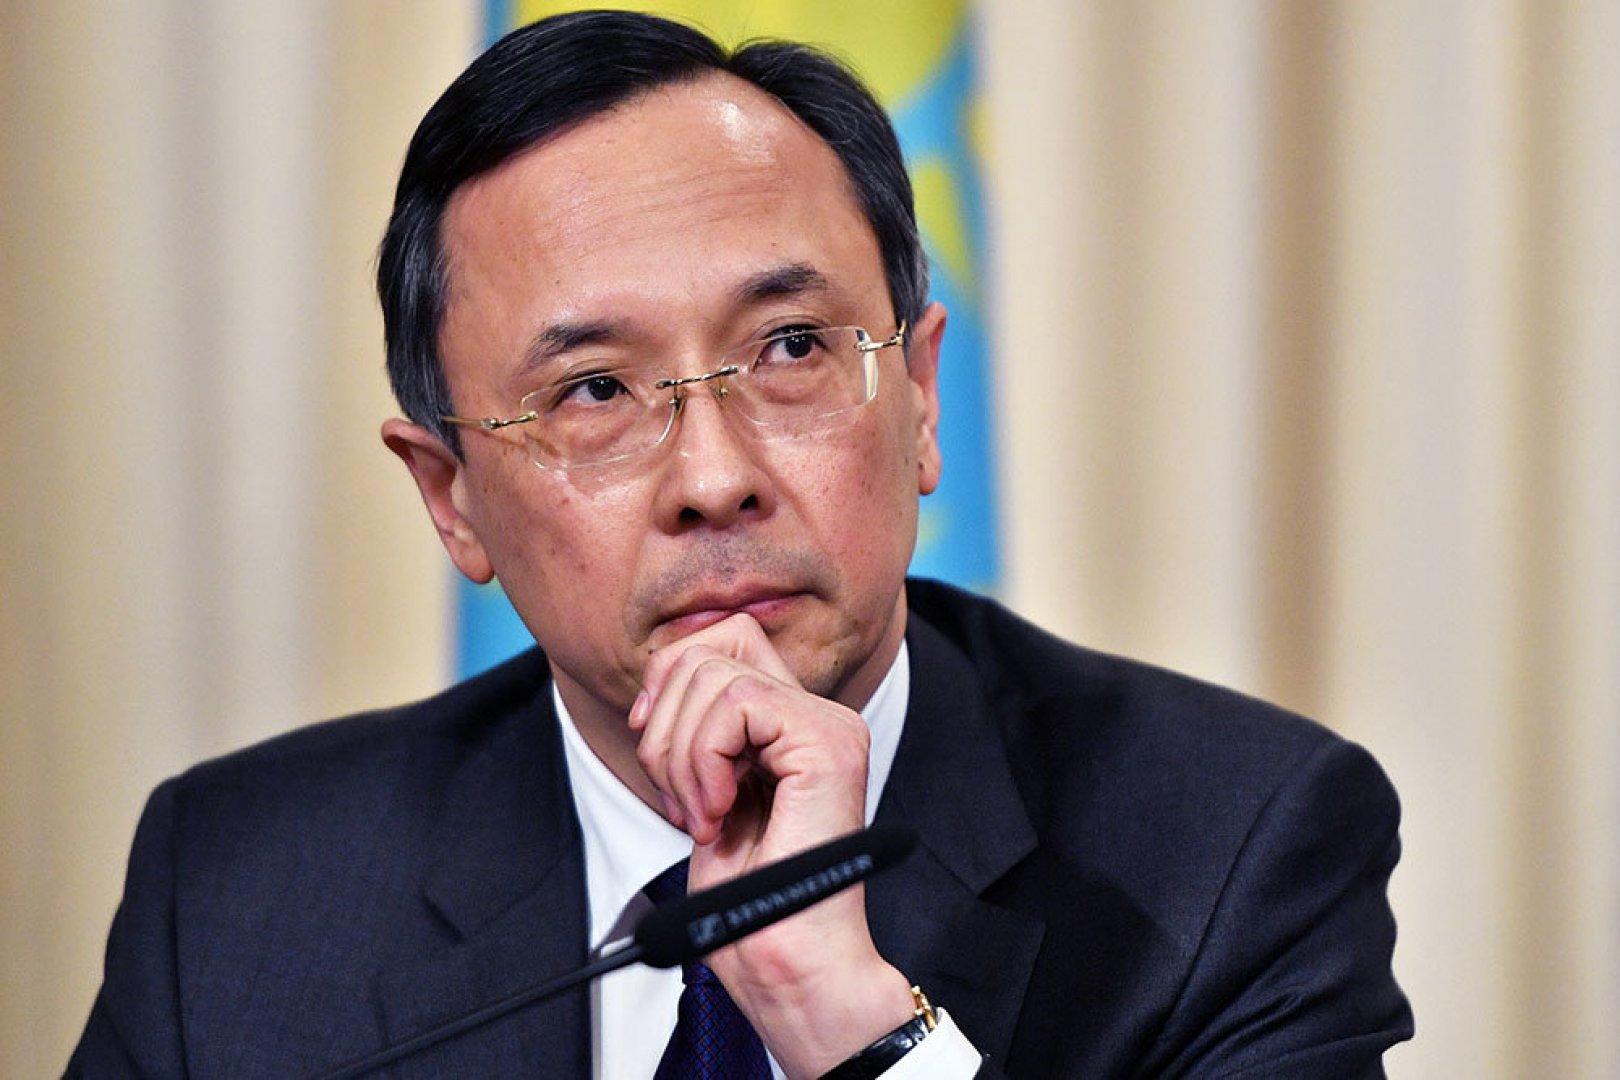 Казахстан и Гамбия должны сконцентрироваться на увеличении товарооборота, считают в Астане, Казахстан, Гамбия, Товарооборот, Астана